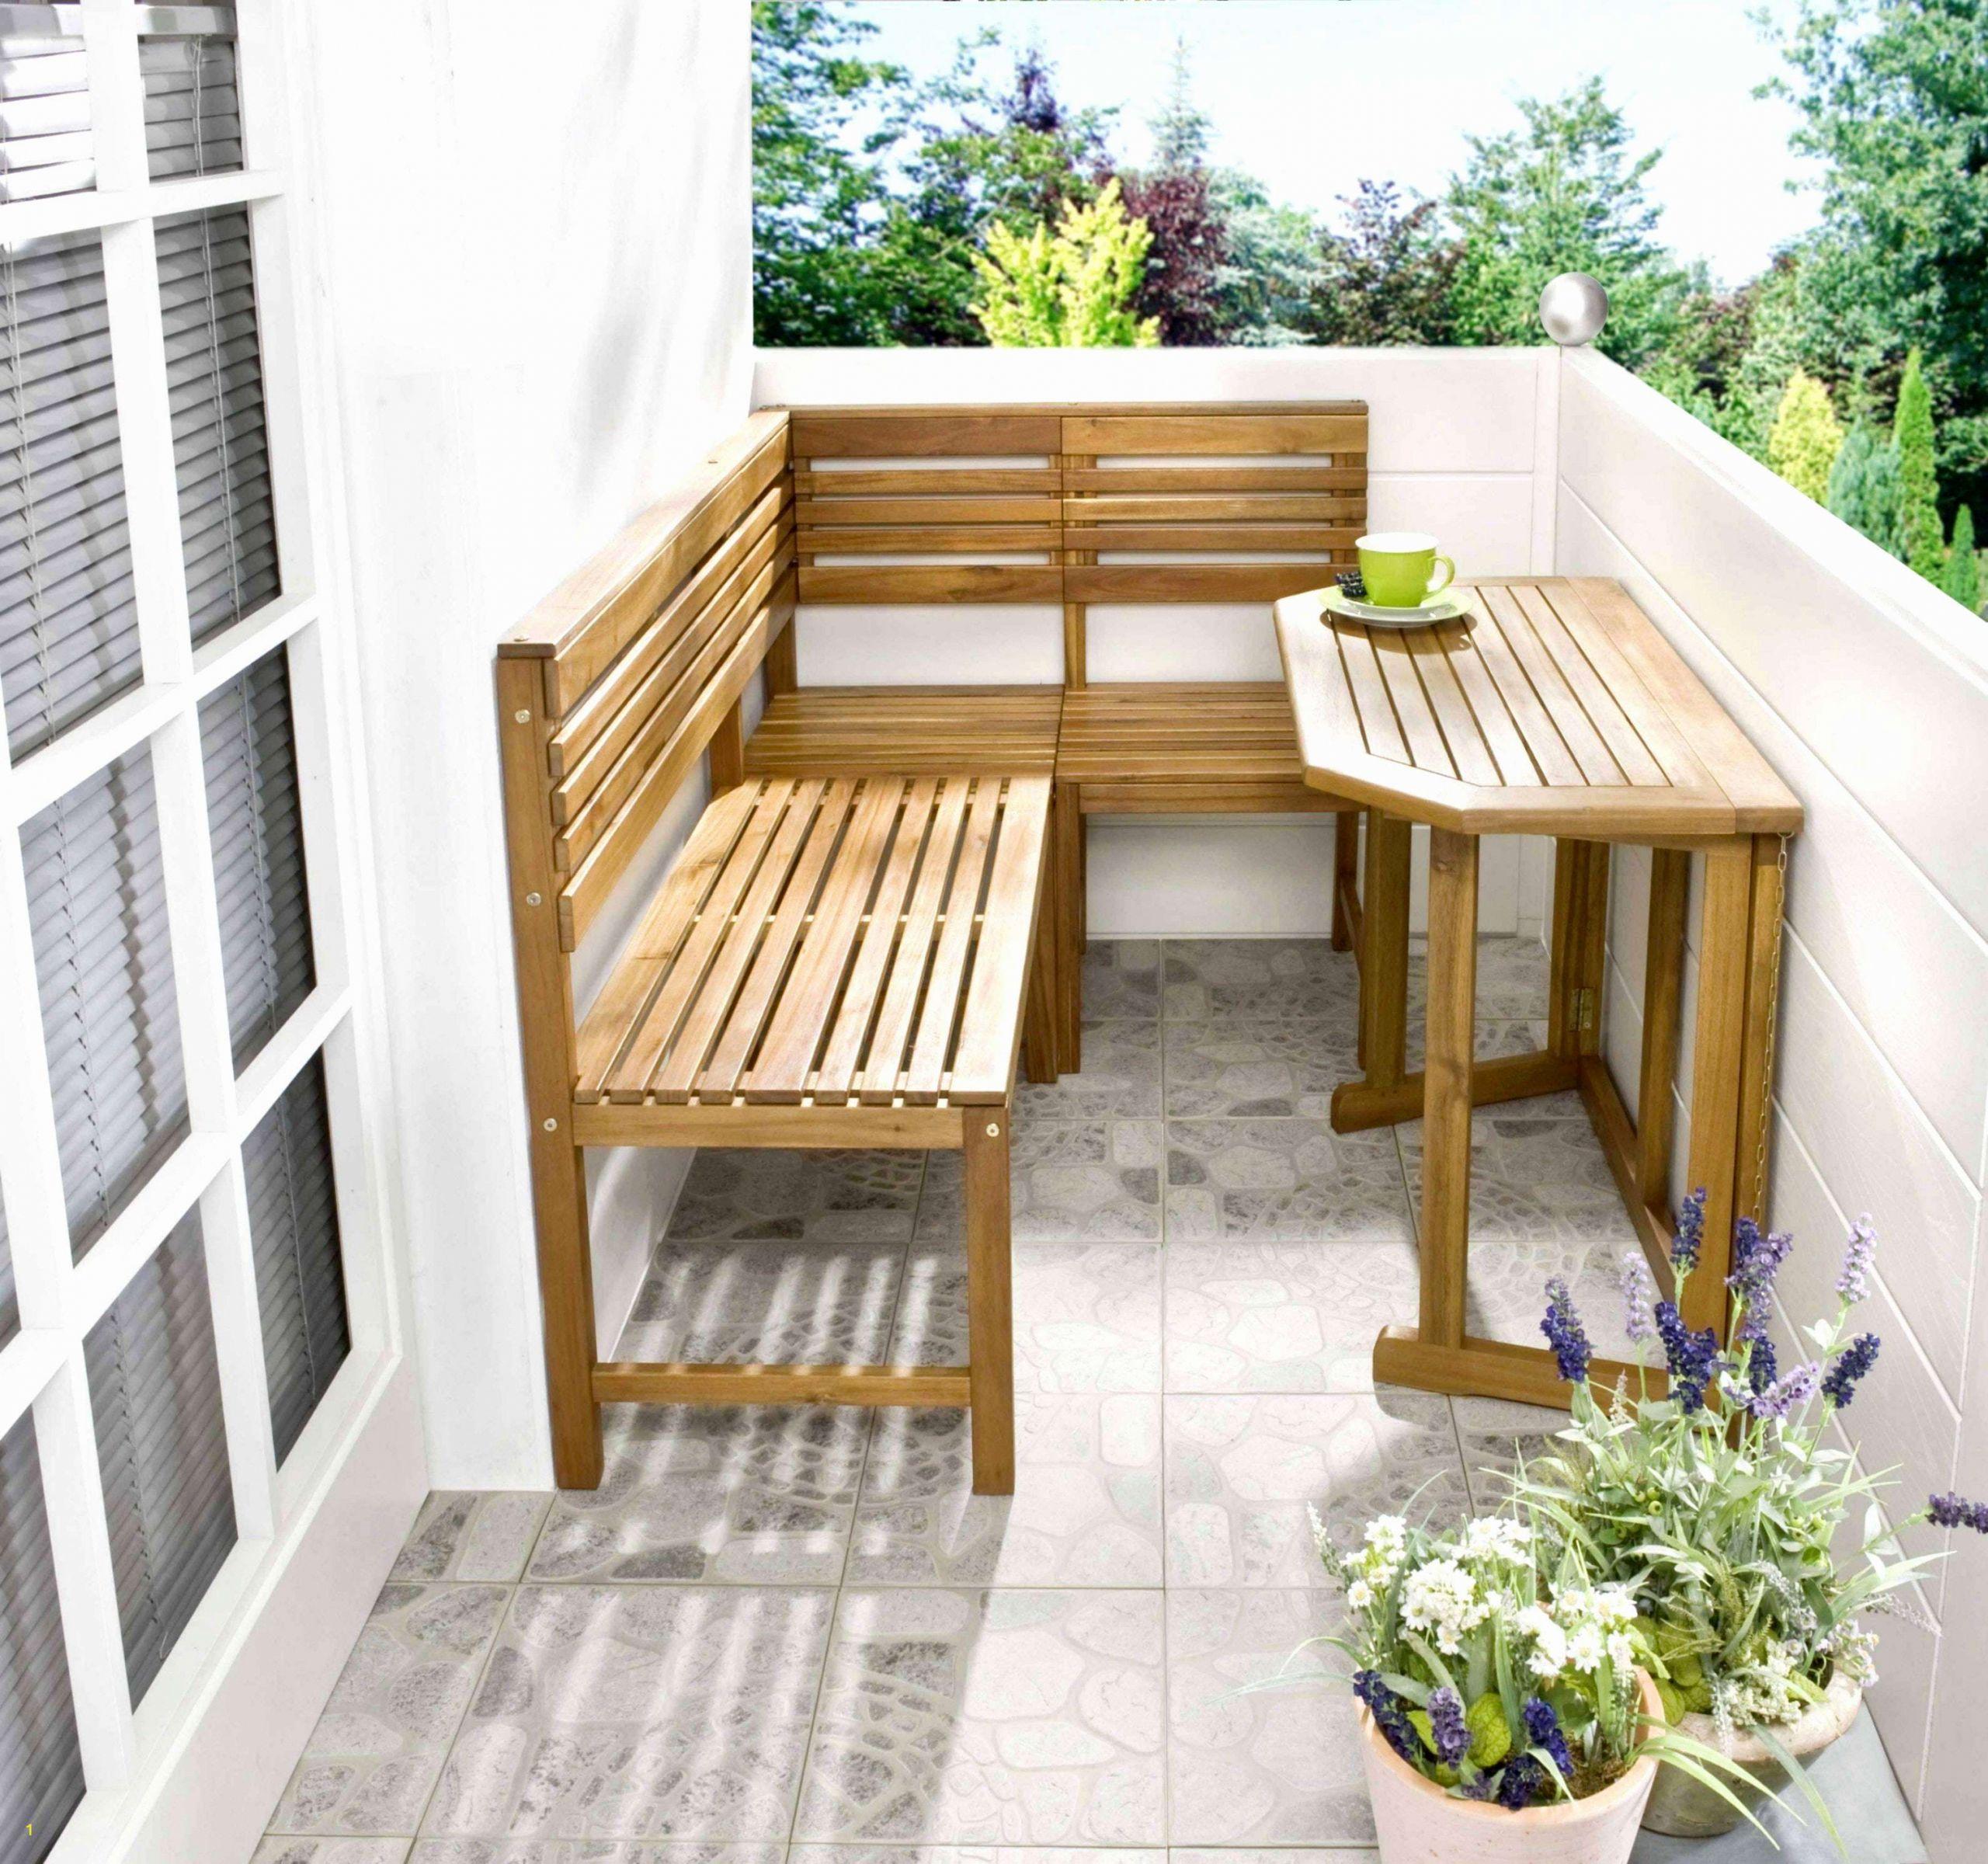 25 schon kleinen balkon bepflanzen genial gestaltung kleiner balkon gestaltung kleiner balkon